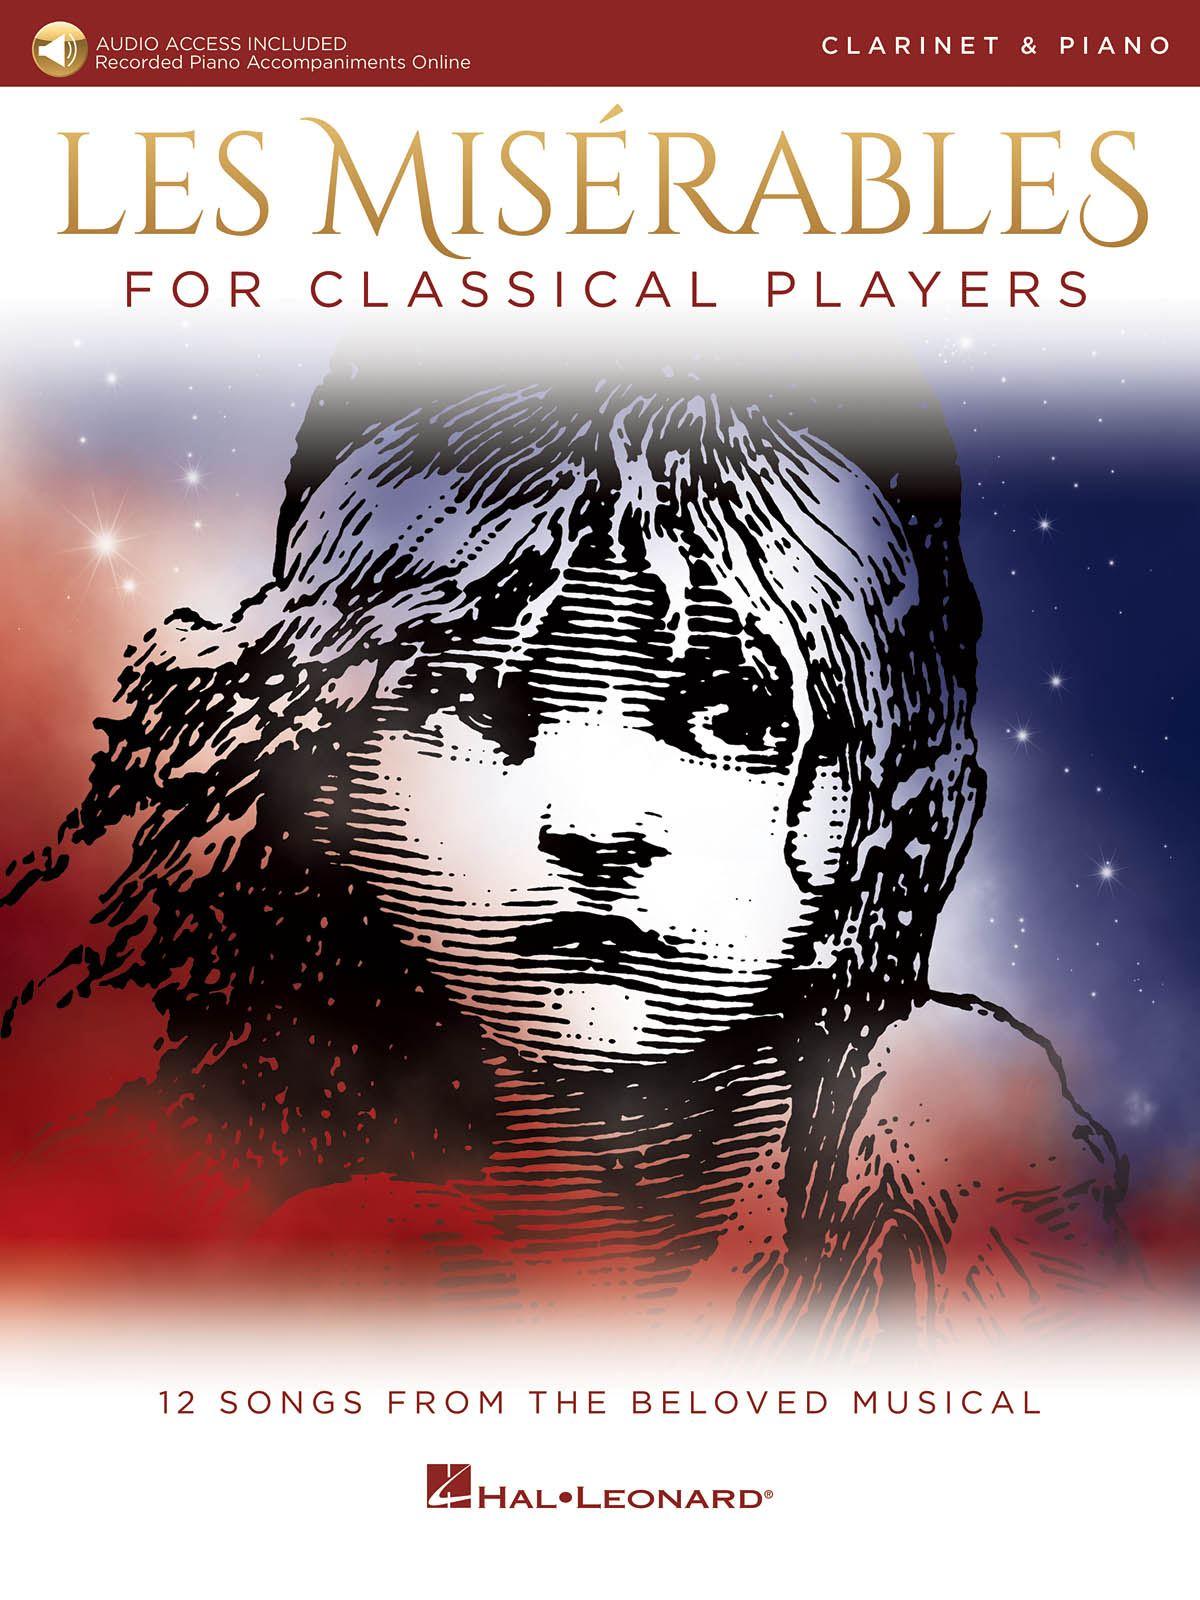 Alain Boublil Claude-Michel Schönberg: Les Misérables for Classical Players: